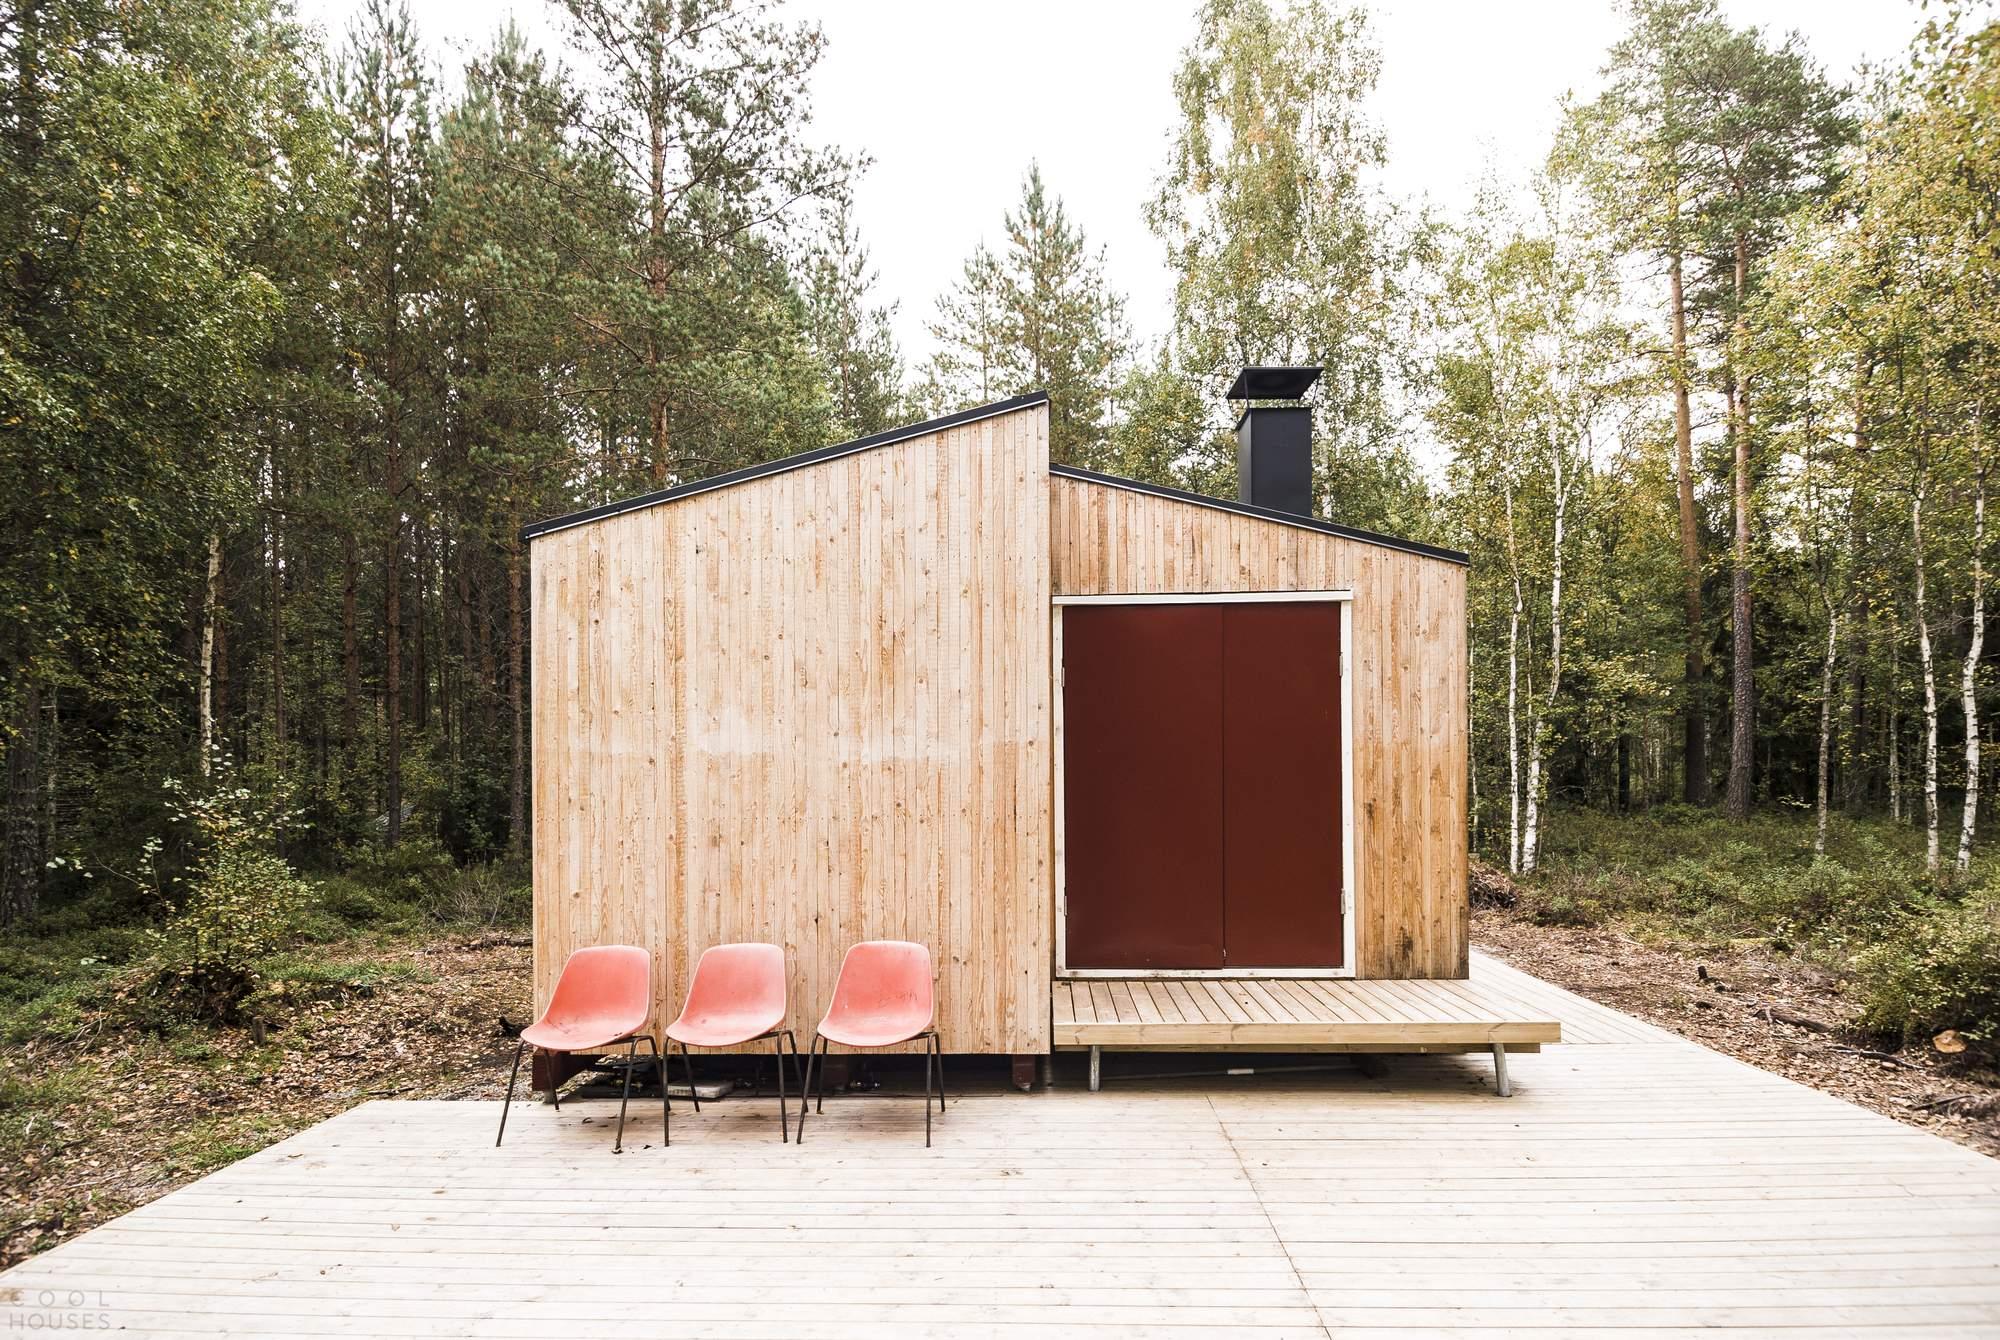 Деревянный домик, сделанный своими руками, Финляндия